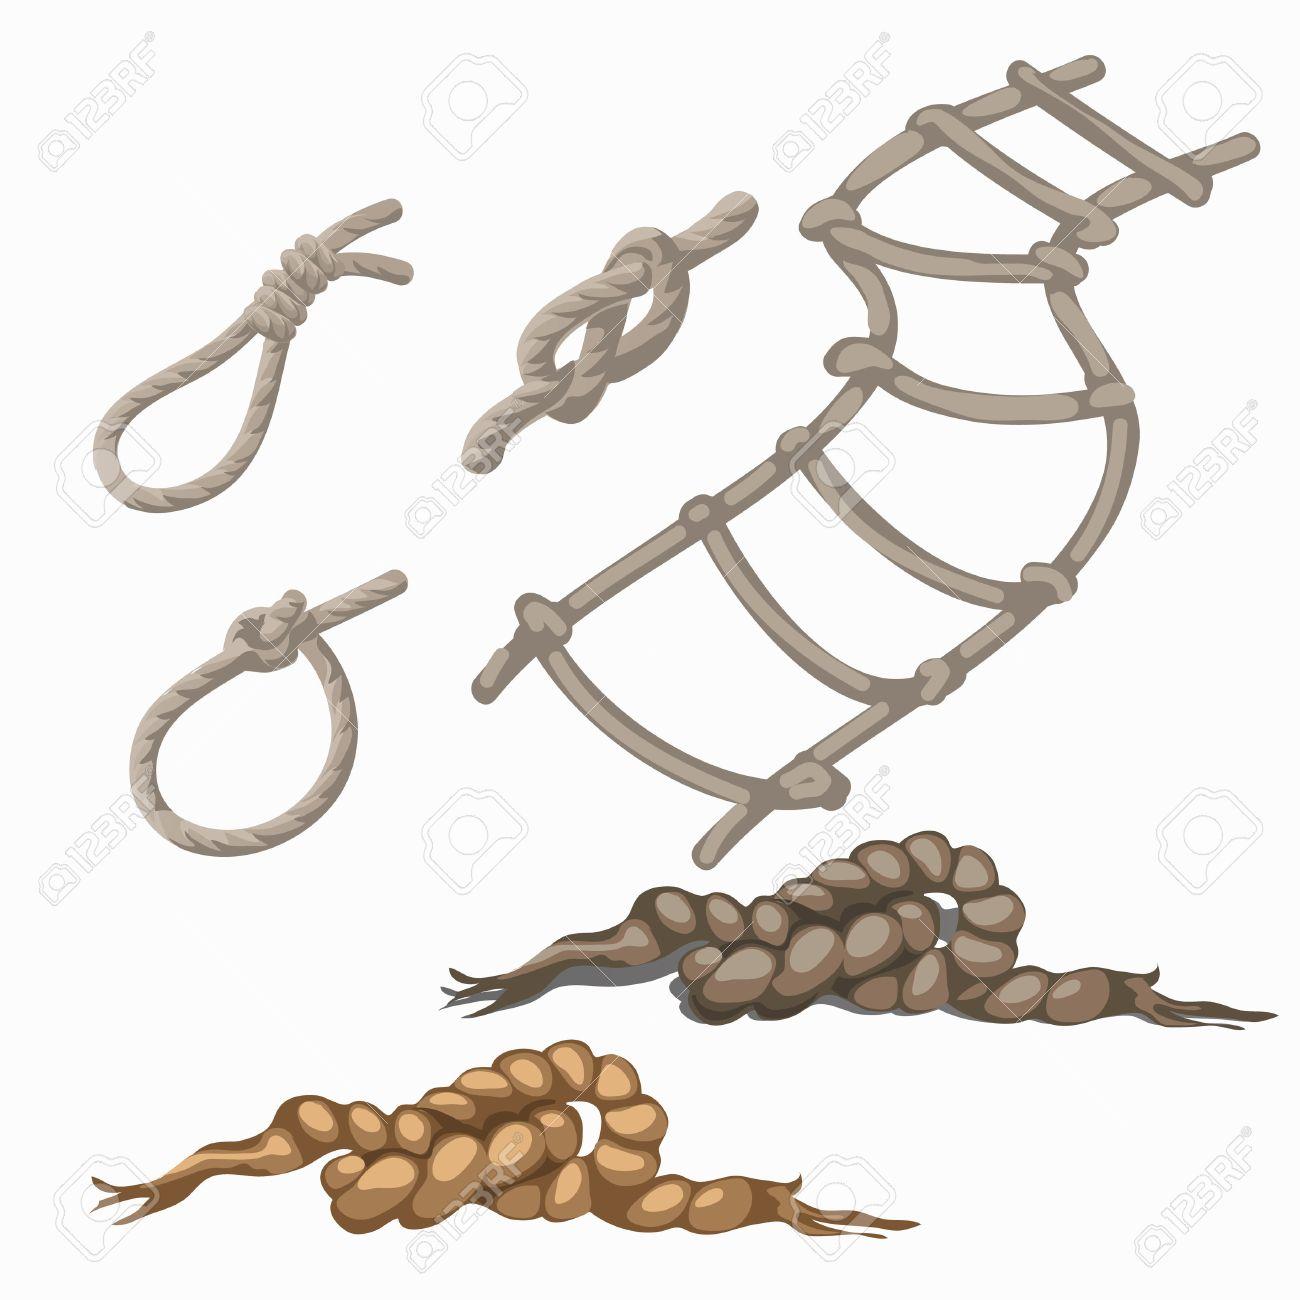 conjunto de elementos de cuerda escalera lazo nudos bucle seis artculos